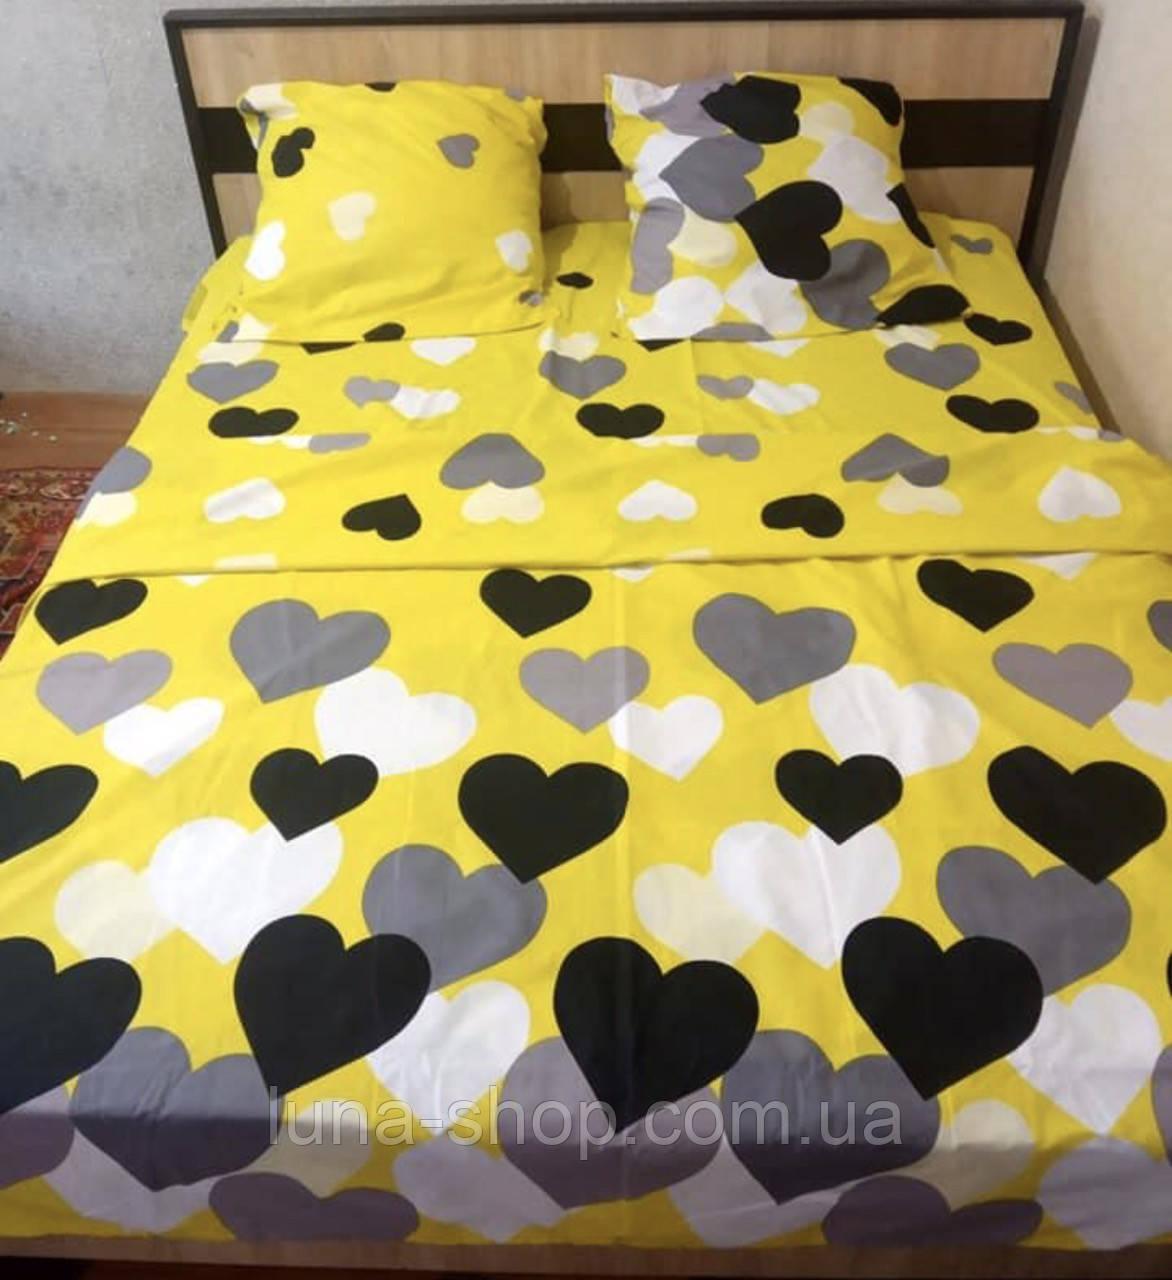 Постельный комплект Желтый с сердцами (бязь)